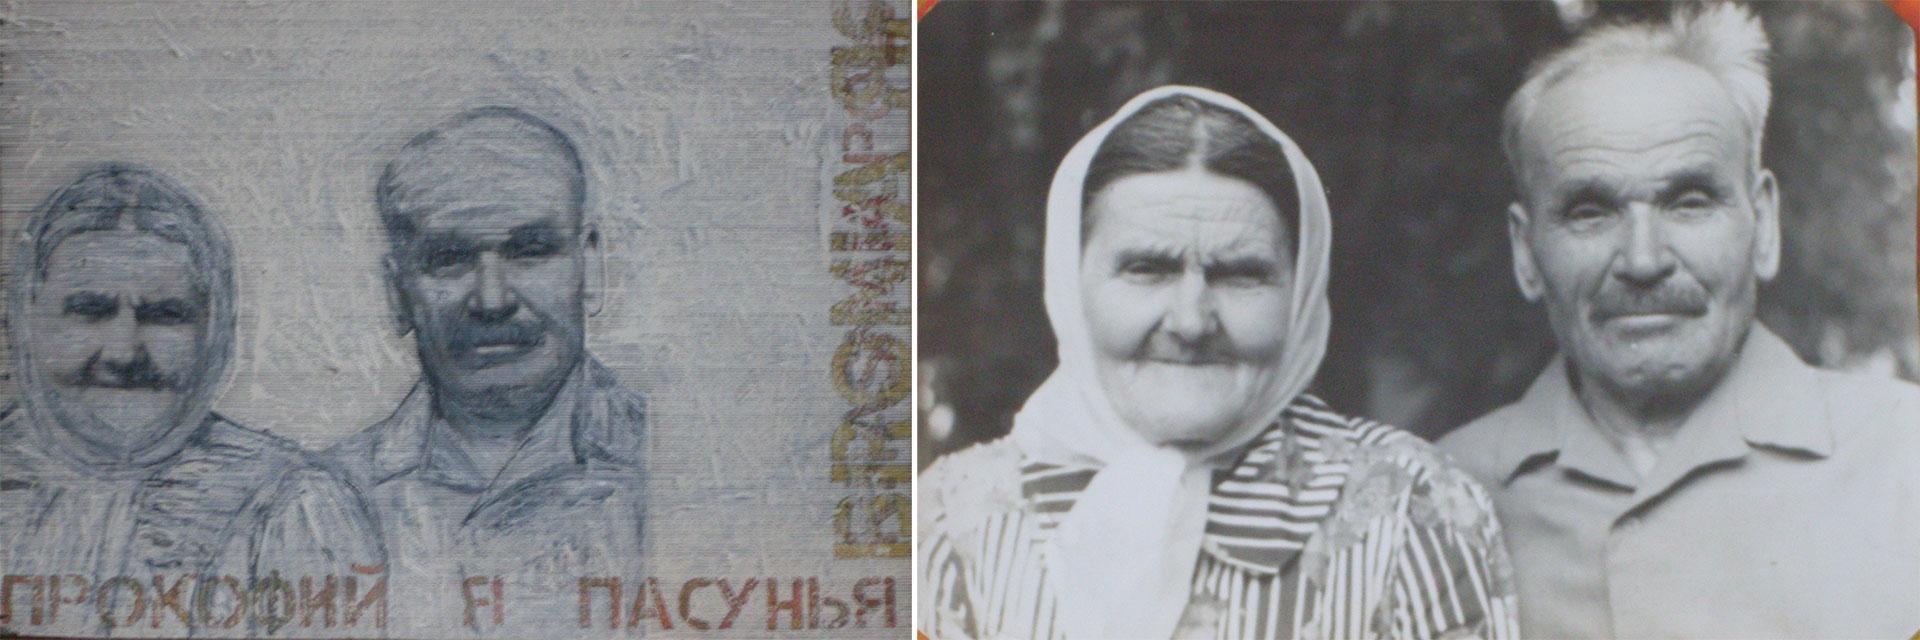 La obra que recuerdoa asus abuelos maternos Prokofii Izoita y Parascobia, inspirada en una foto de la década del 70